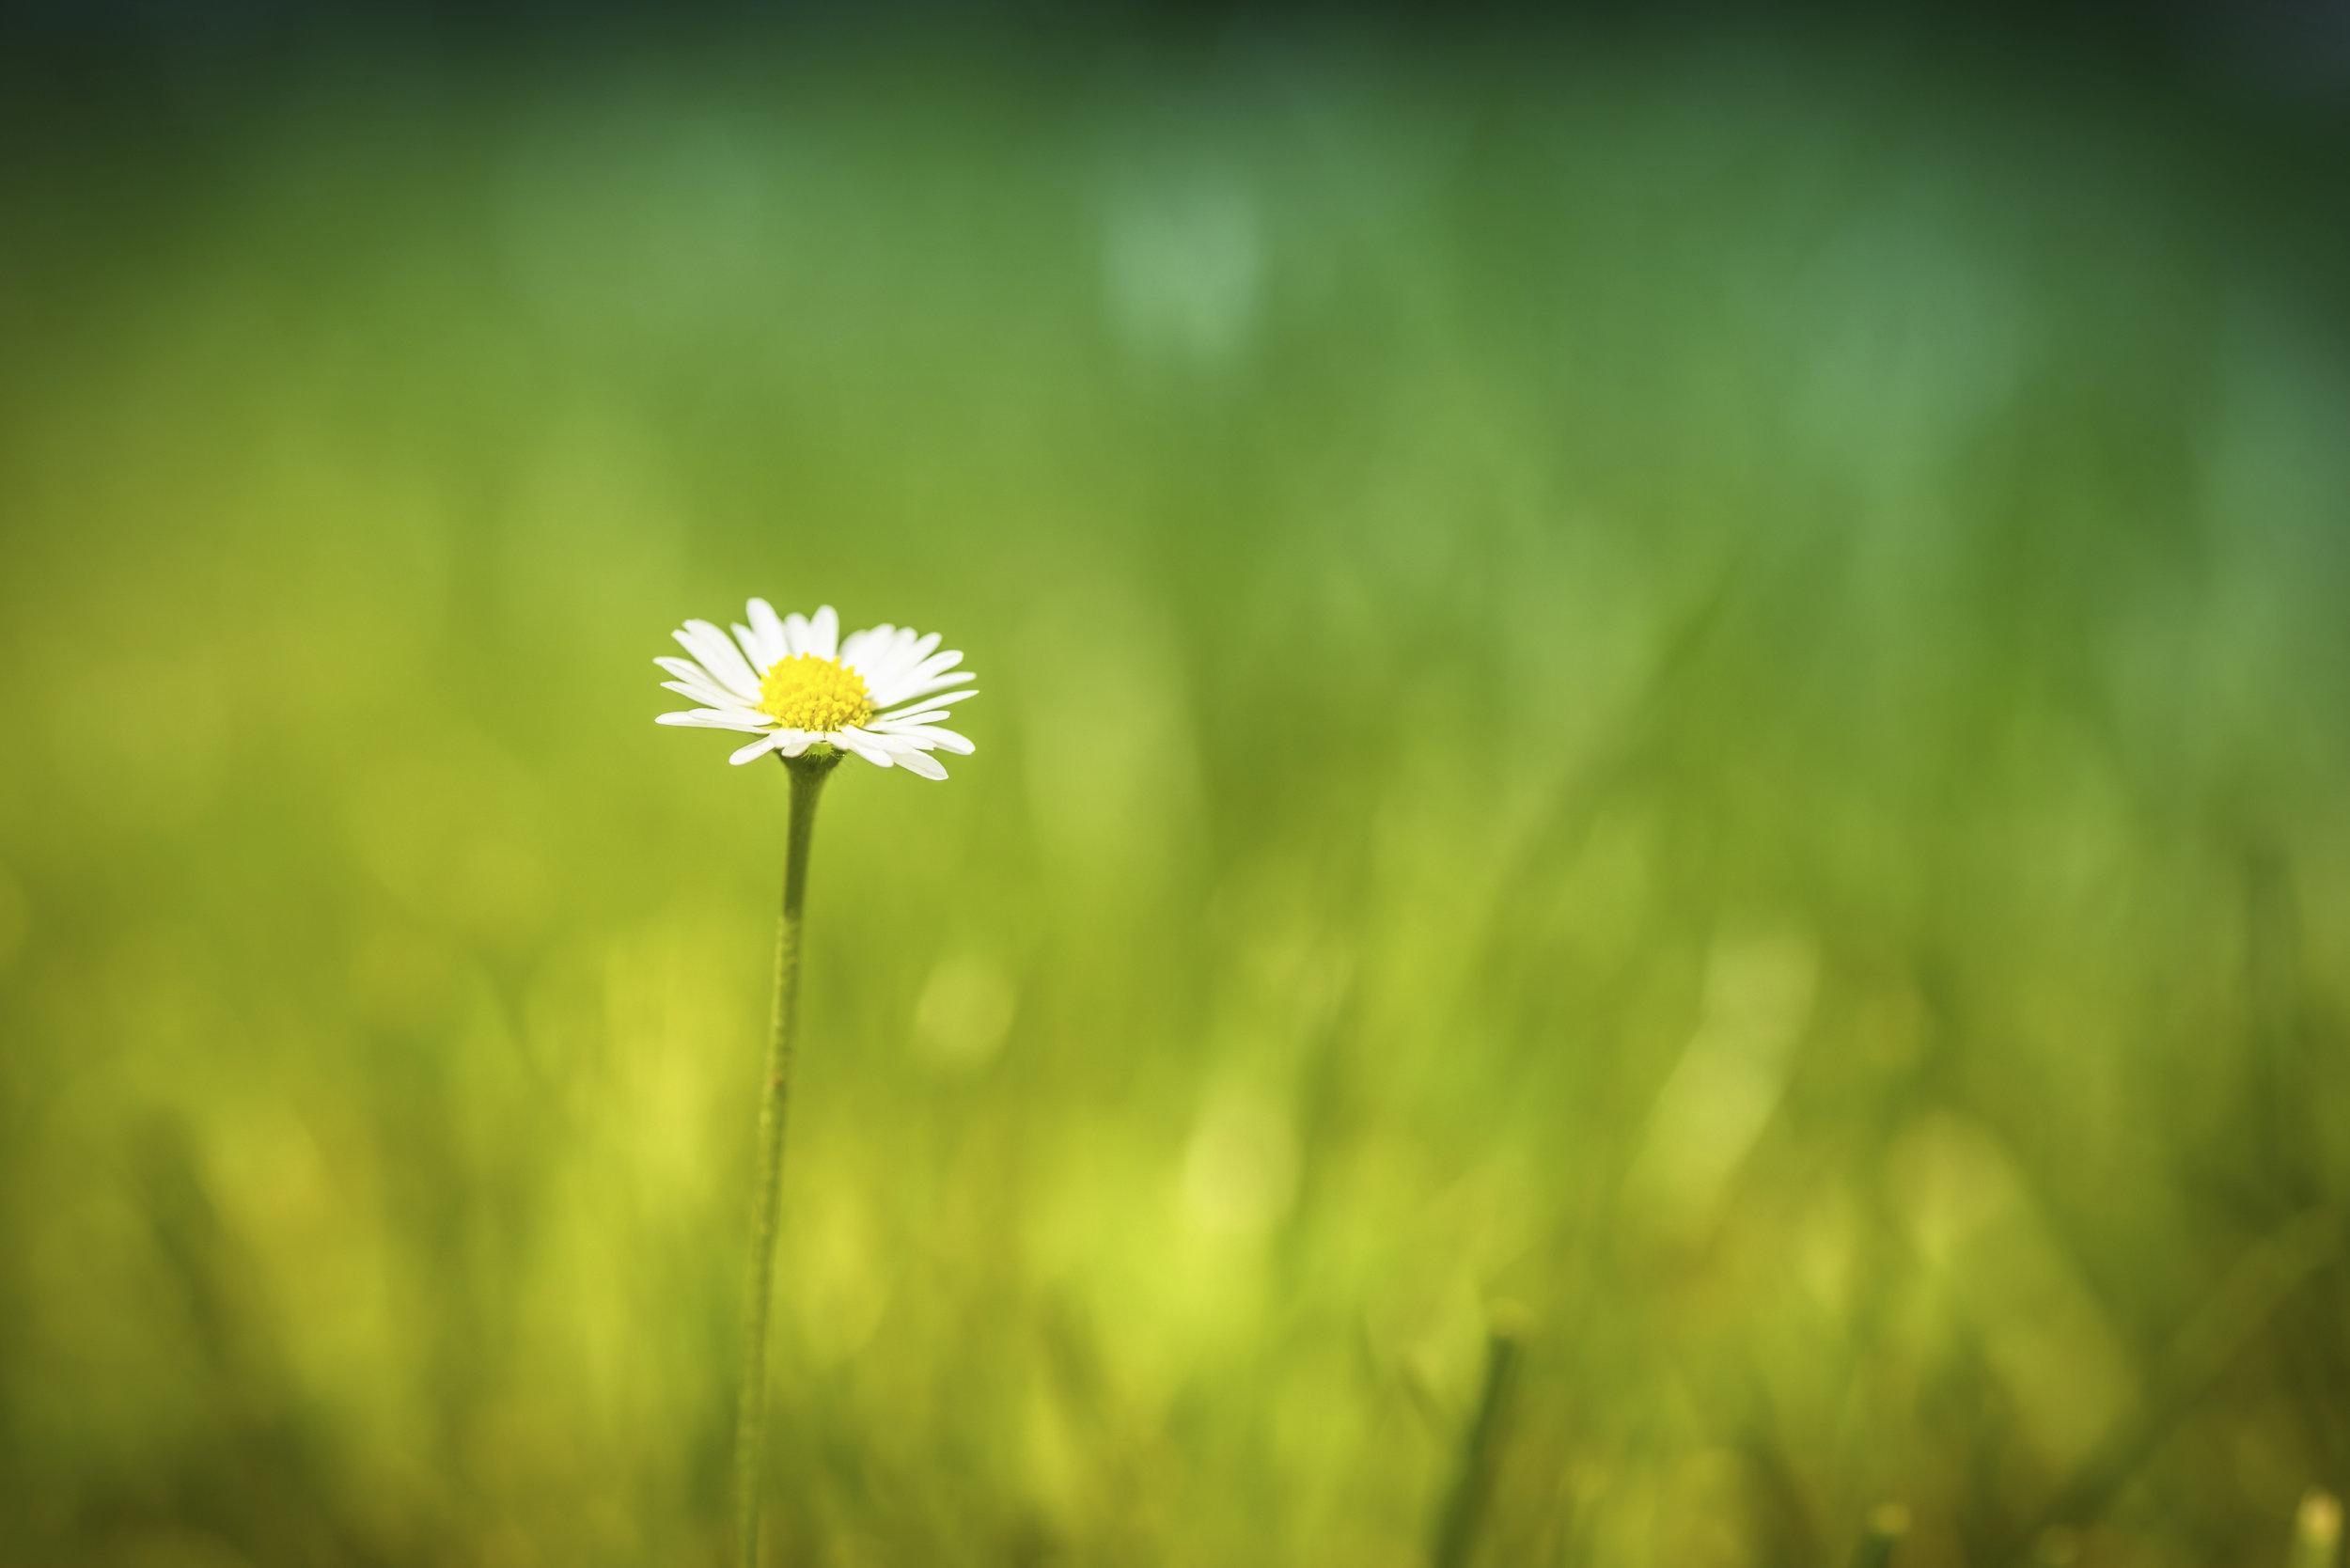 spring-daisy.jpg